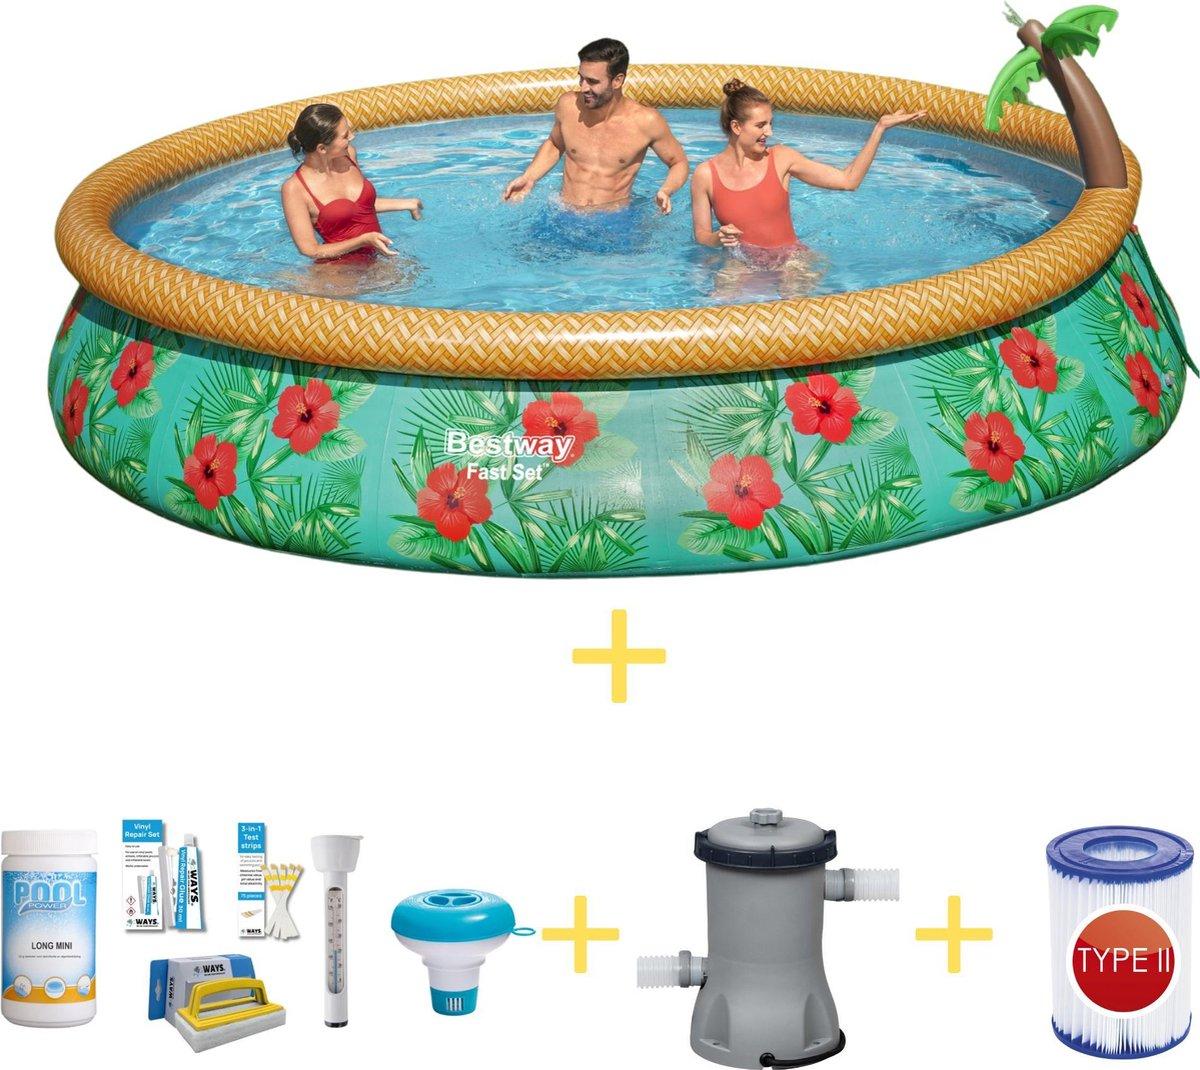 Bestway Zwembad - Fast Set - Paradijs Bloemen - 457 x 84 cm - Inclusief WAYS Onderhoudspakket, Filterpomp & Filter